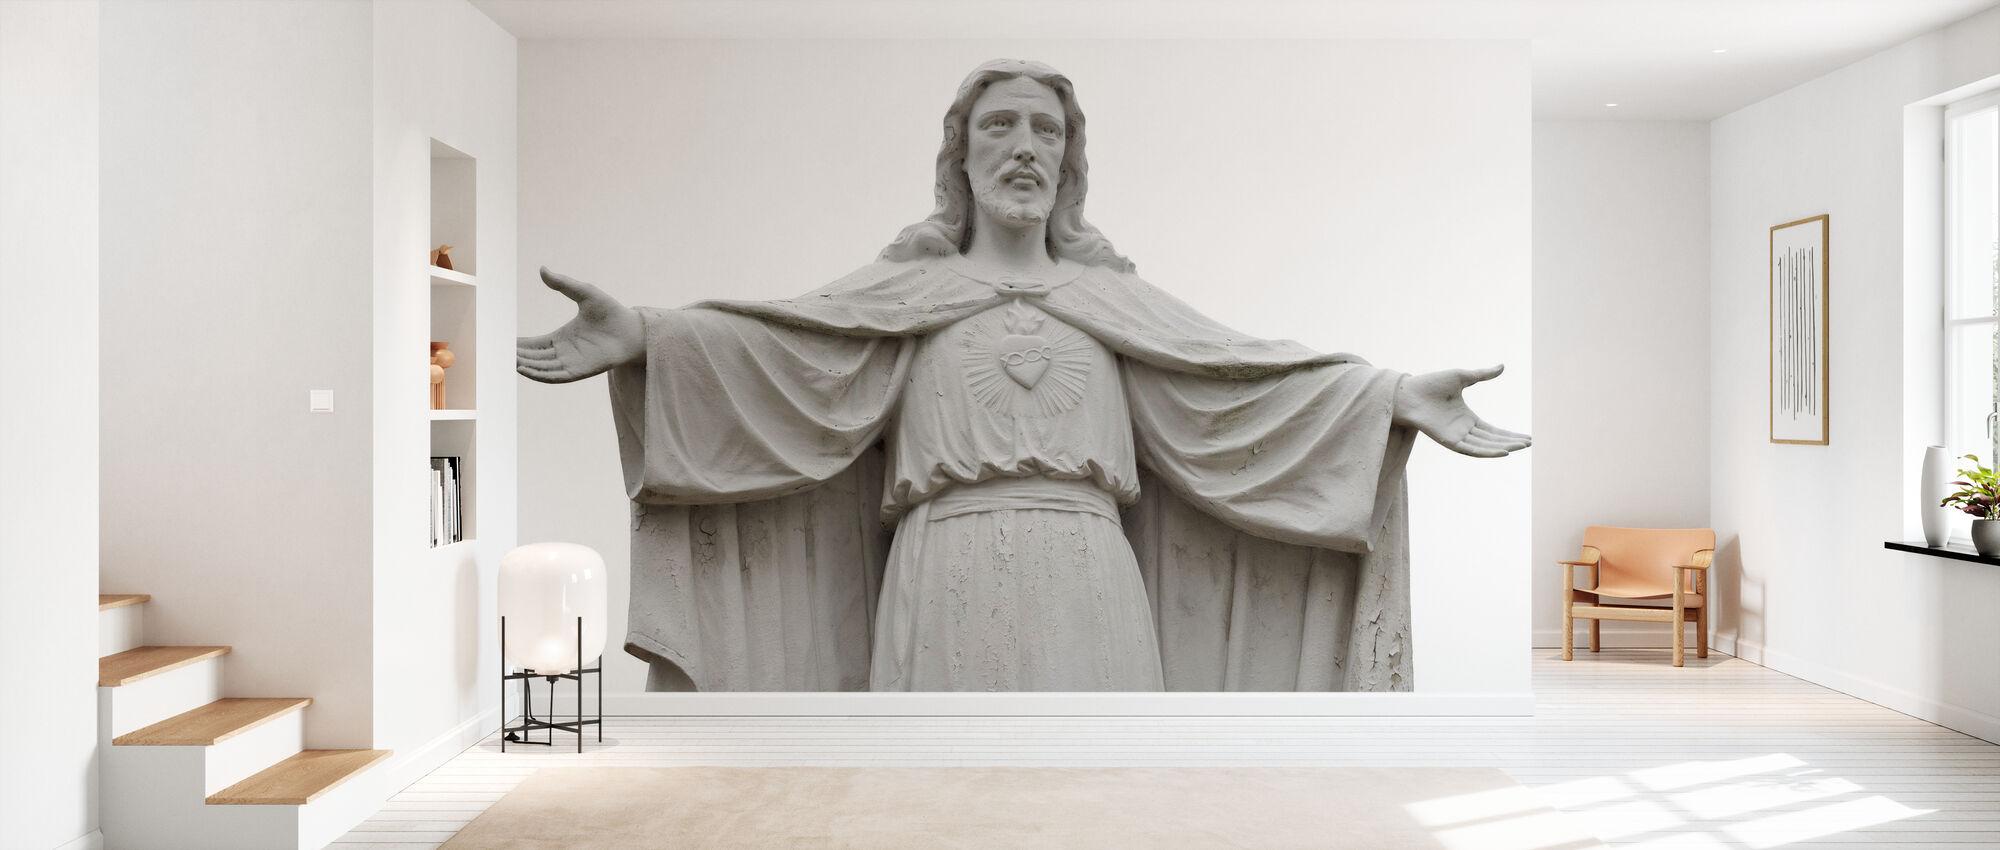 Jesus Statue - Wallpaper - Hallway